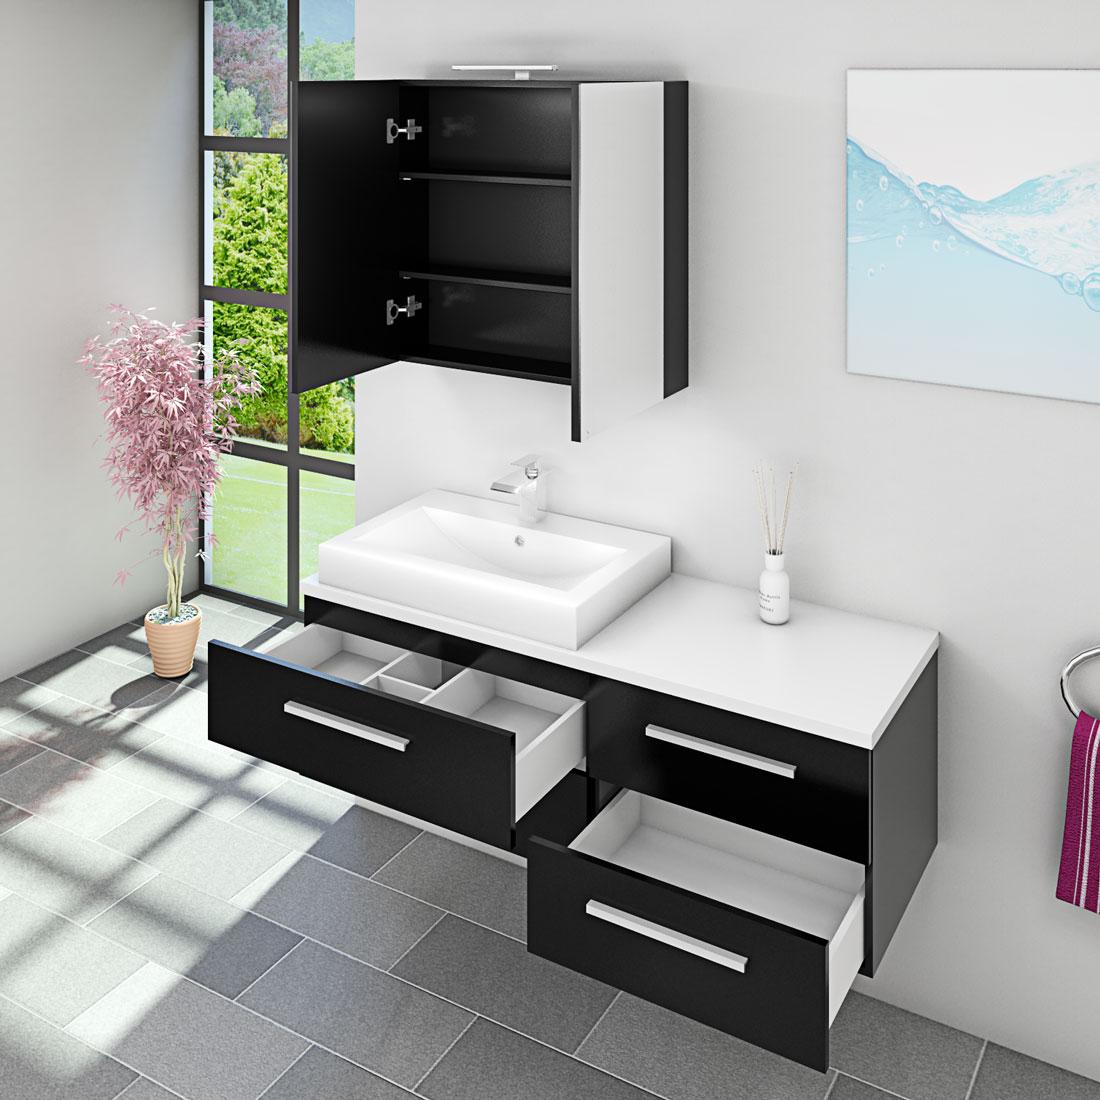 waschtisch mit waschbecken unterschrank city 210 140cm. Black Bedroom Furniture Sets. Home Design Ideas